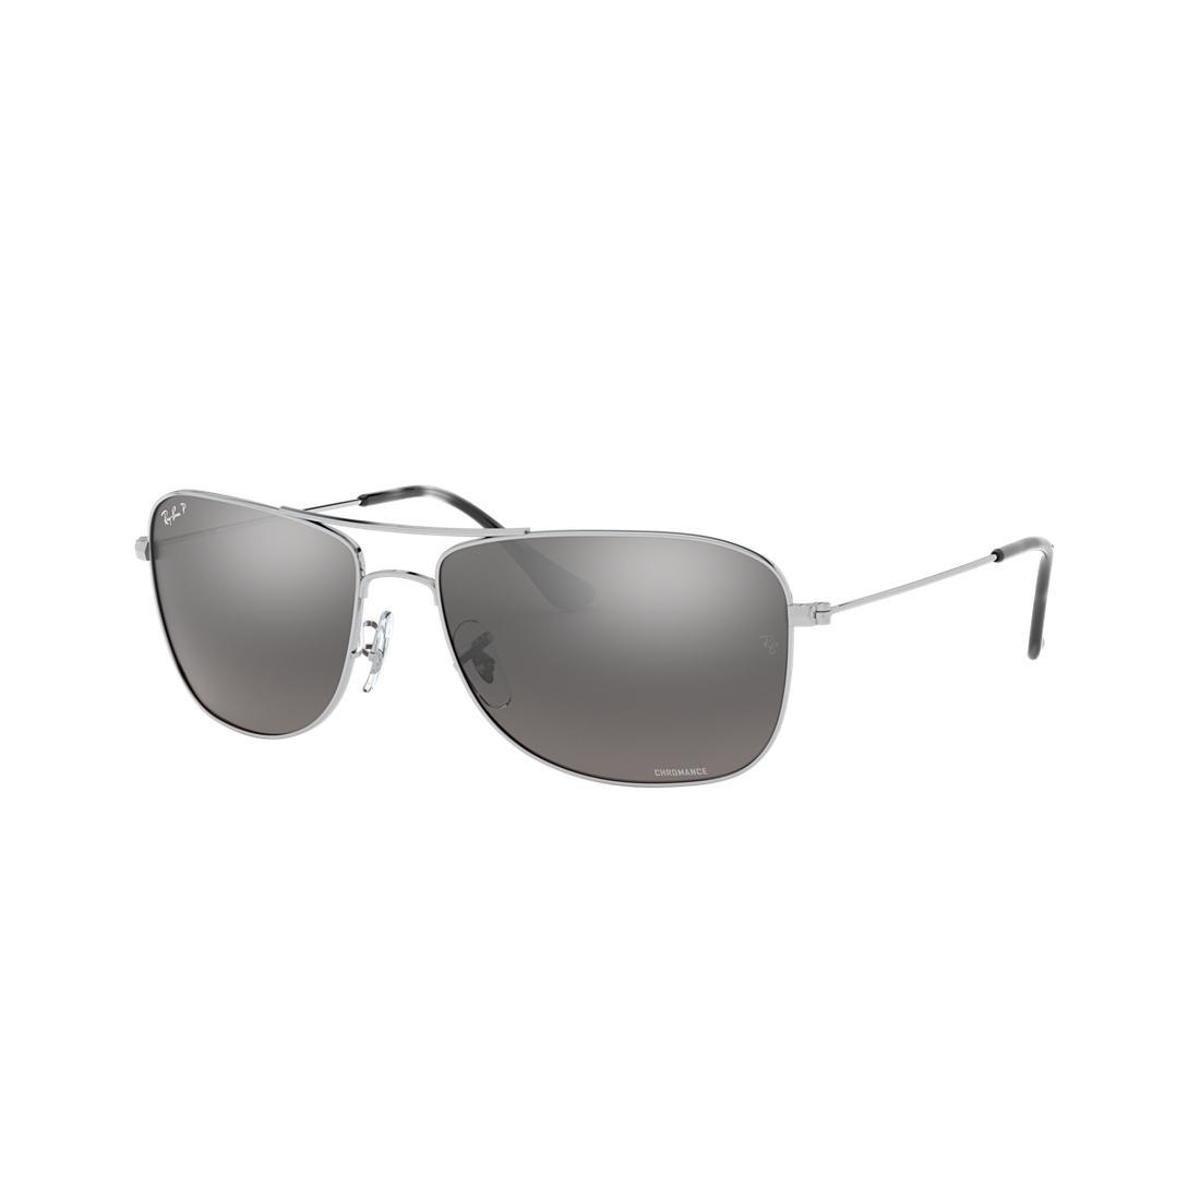 e7a83717cc2ac Óculos de Sol Ray-Ban RB3543 Coleção Chromance - Prata - Compre ...